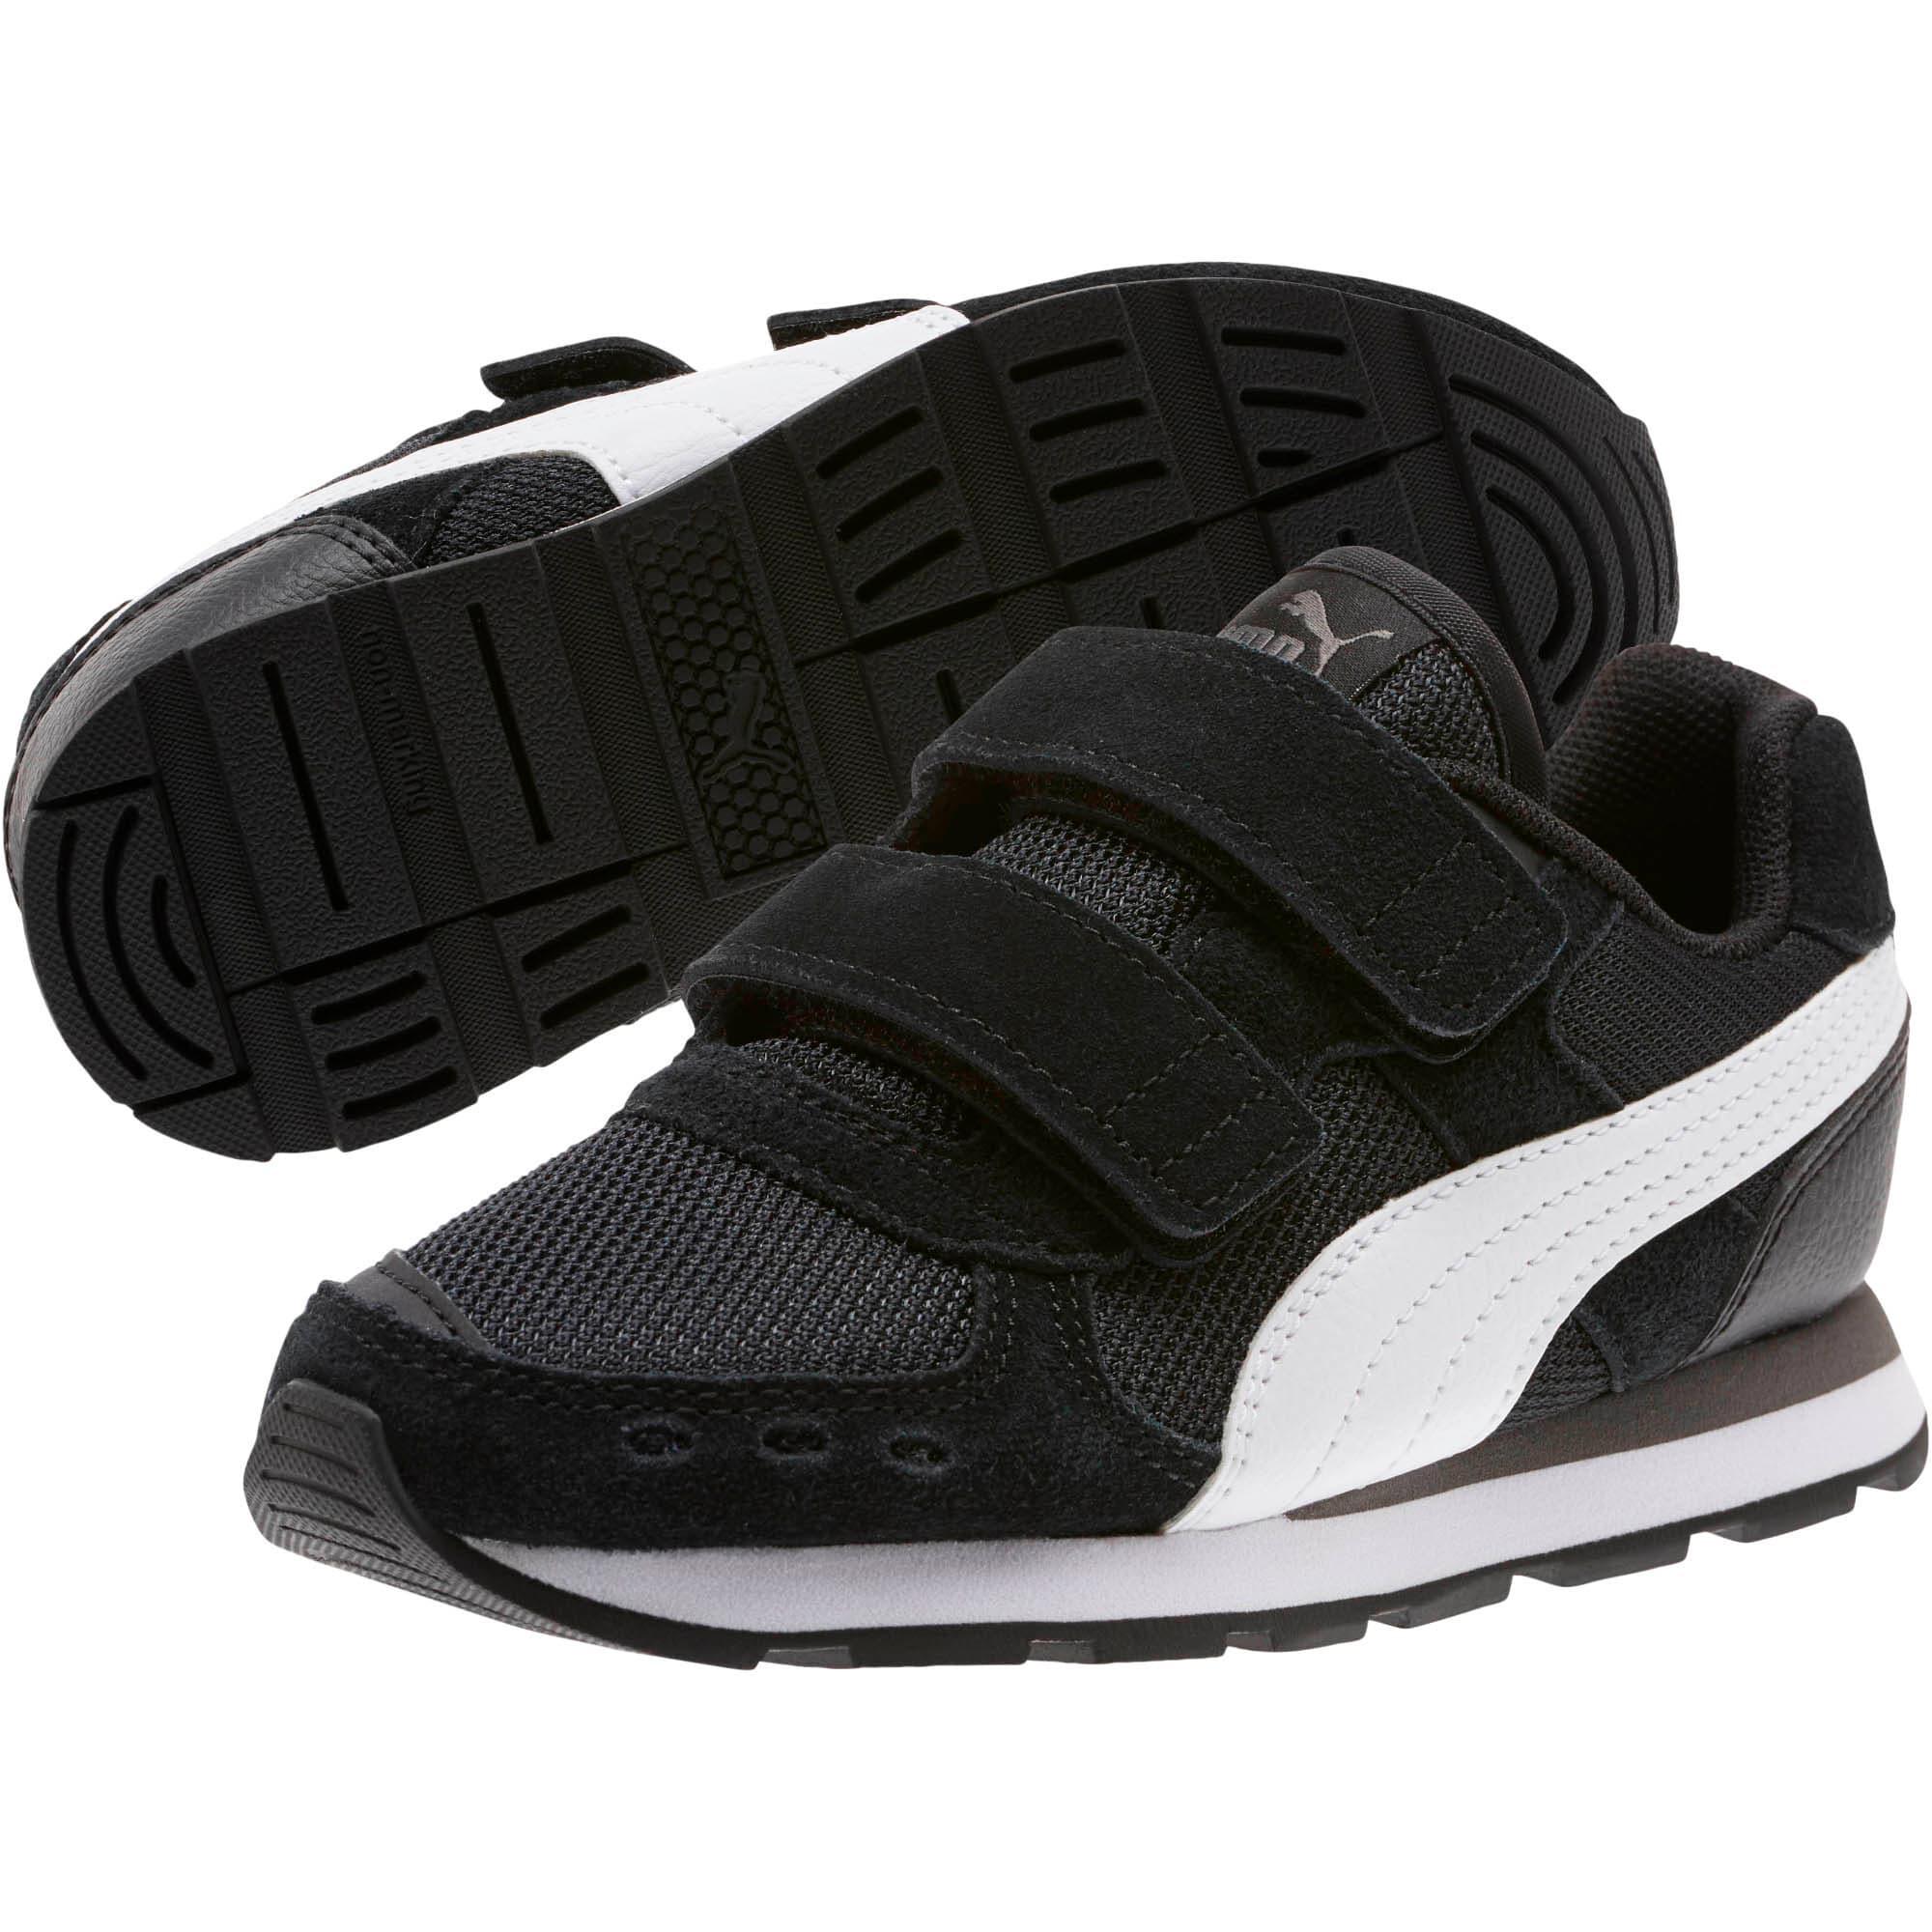 Miniatura 2 de Zapatos Vista para niños, Puma Black-Puma White, mediano